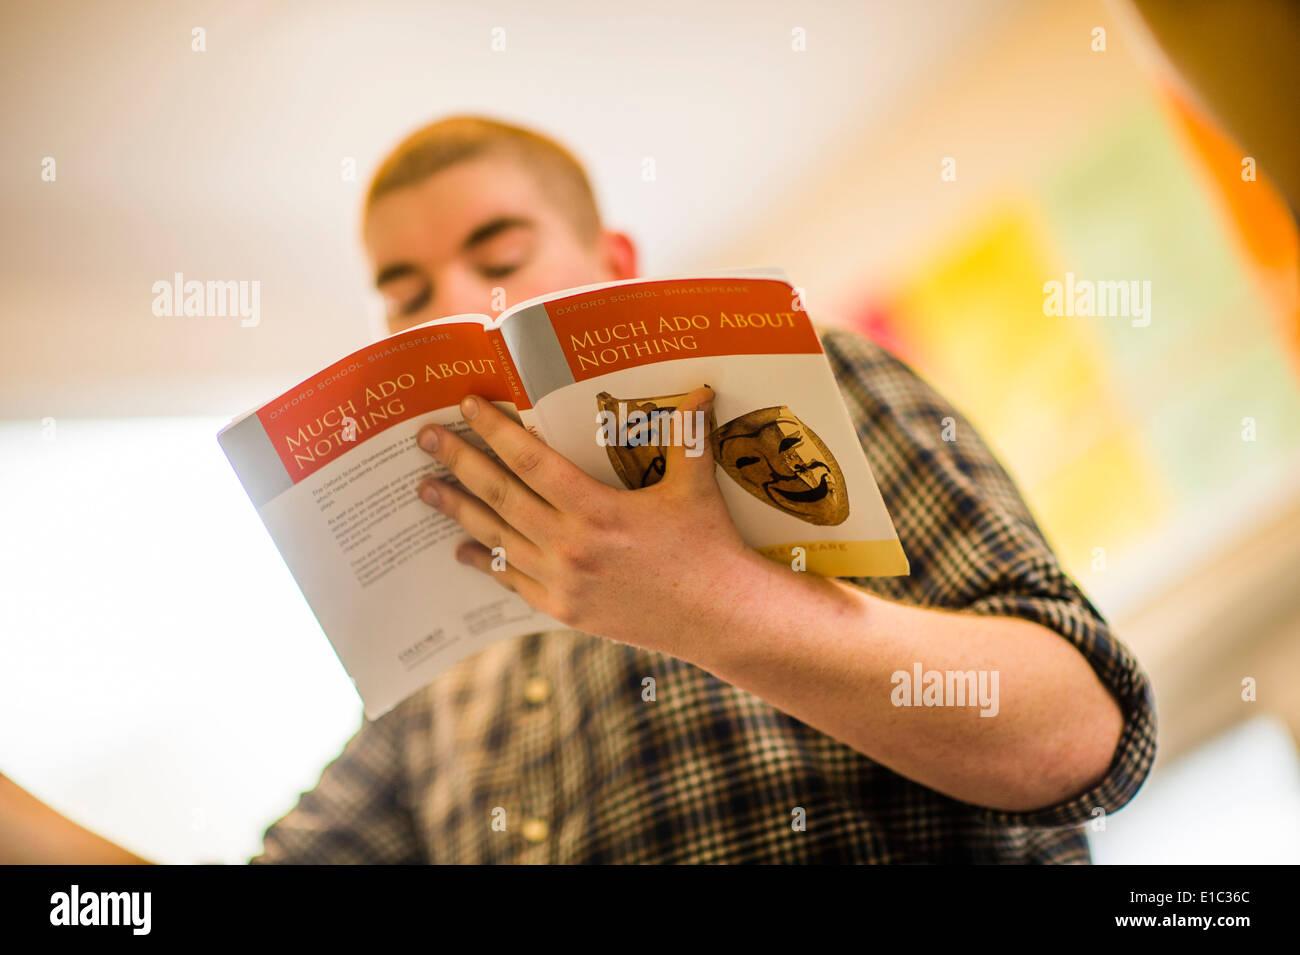 Aberystwyth estudiante universitaria de estudiantes de teatro ensayando 'MUCH Ado About Nothing' de William Shakespeare. Foto de stock